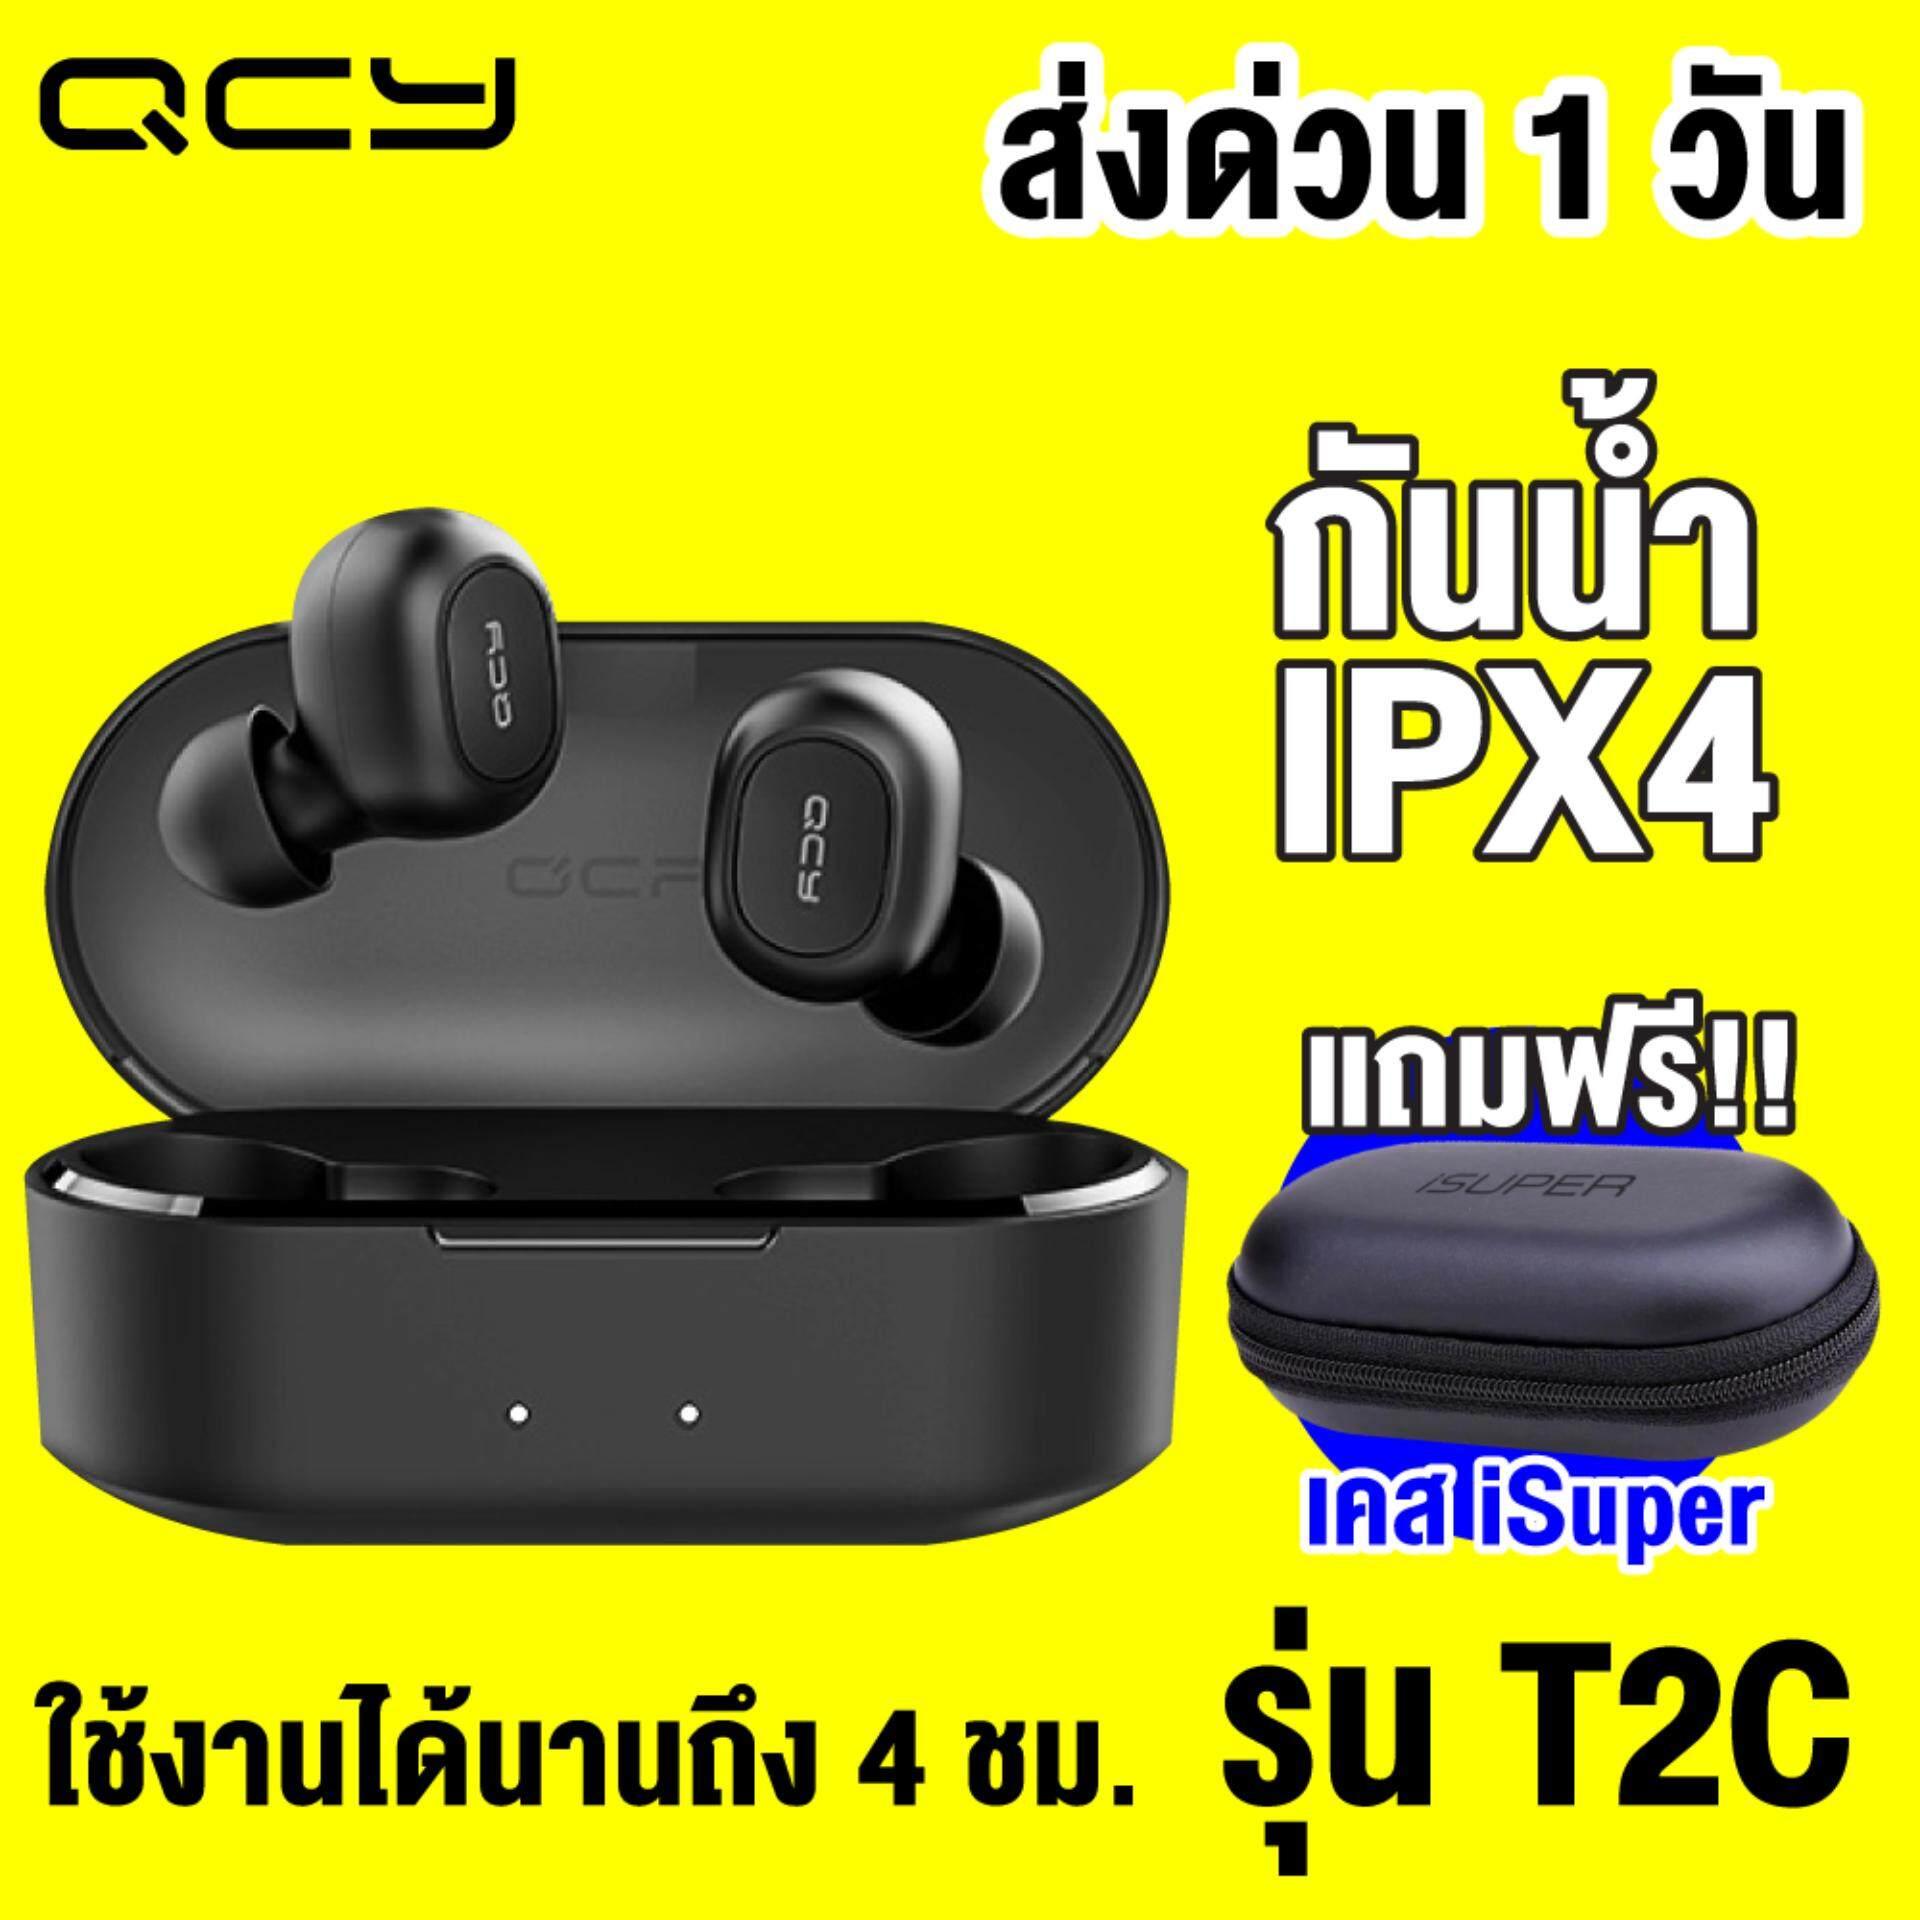 ยี่ห้อไหนดี  นครราชสีมา 【แพ็คส่งใน 1 วัน】Xiaomi QCY T2C TWS 5.0 Bluetooth หูฟังไร้สาย แถมฟรี!! iSuper Soft Case [[ รับประกัน 3 เดือน ]]  / GodungIT